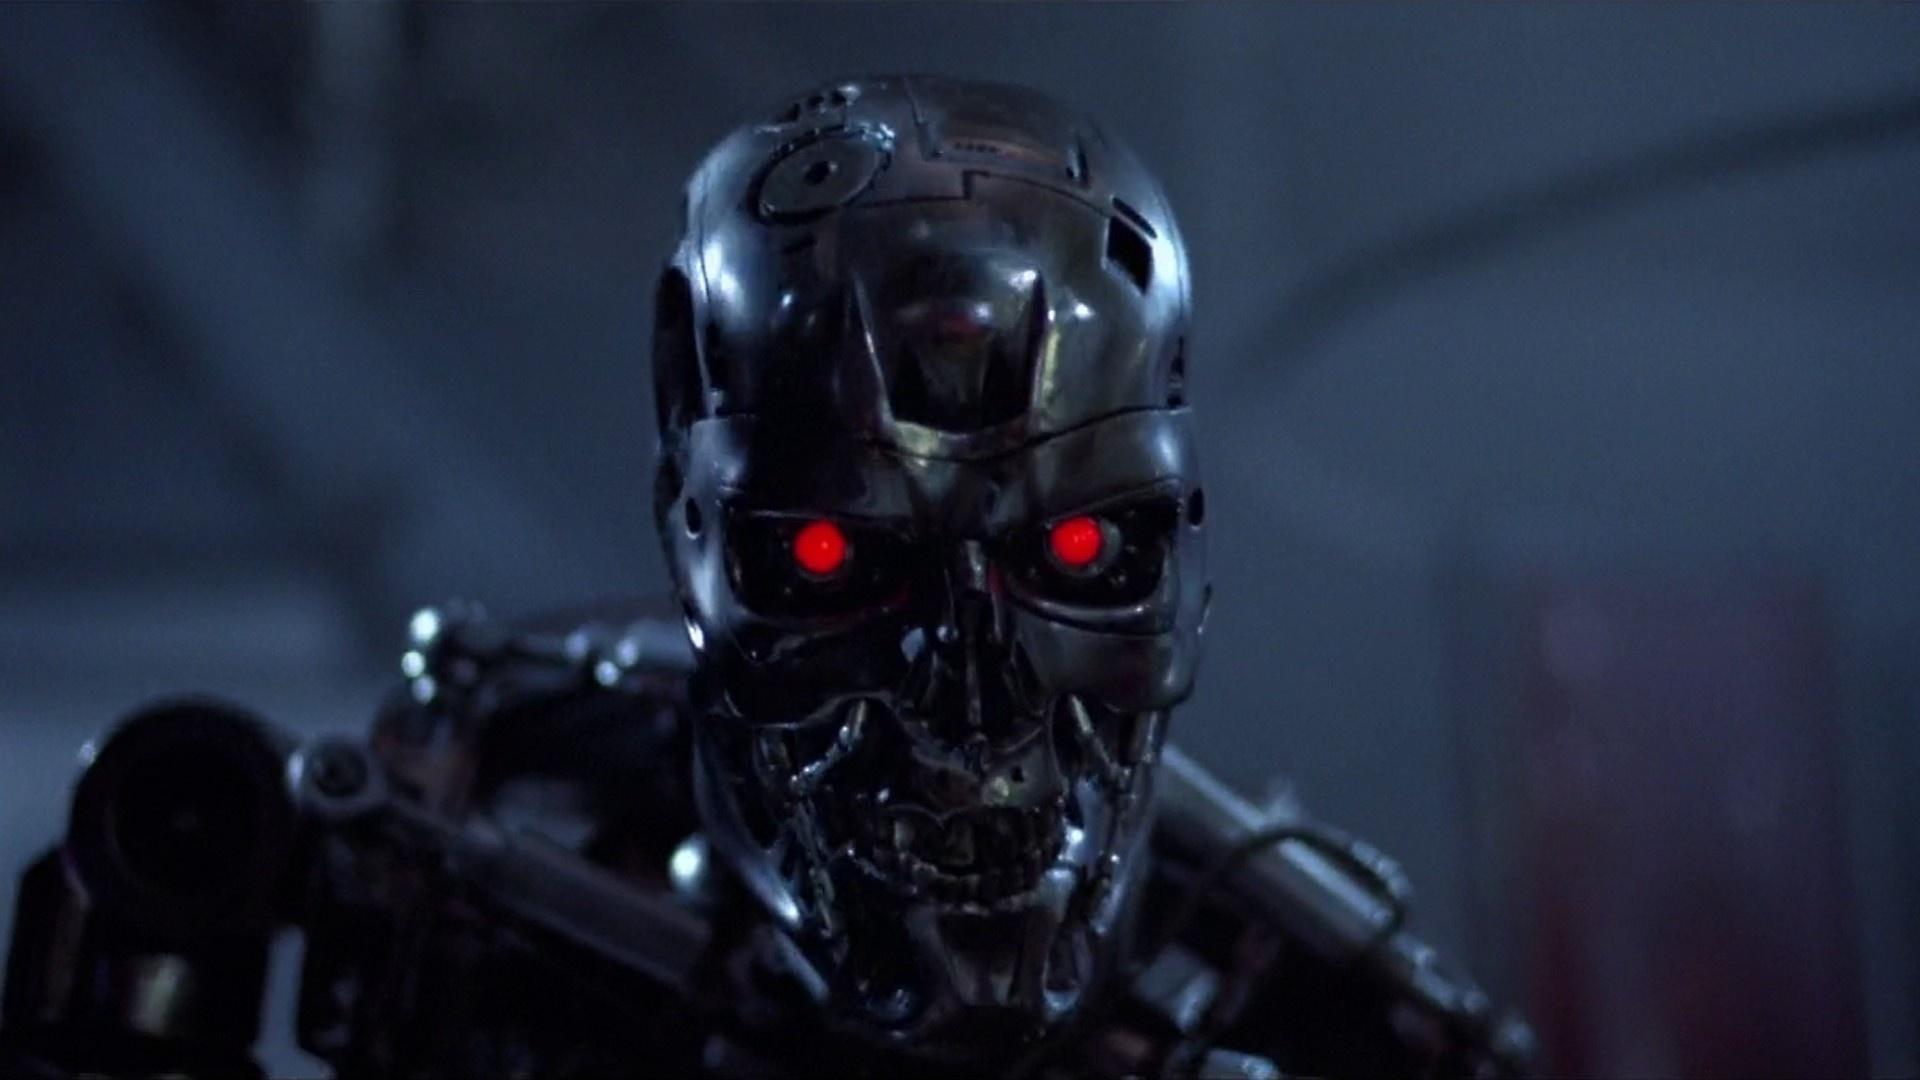 Terminator / Terminátor - A halálosztó (1984)